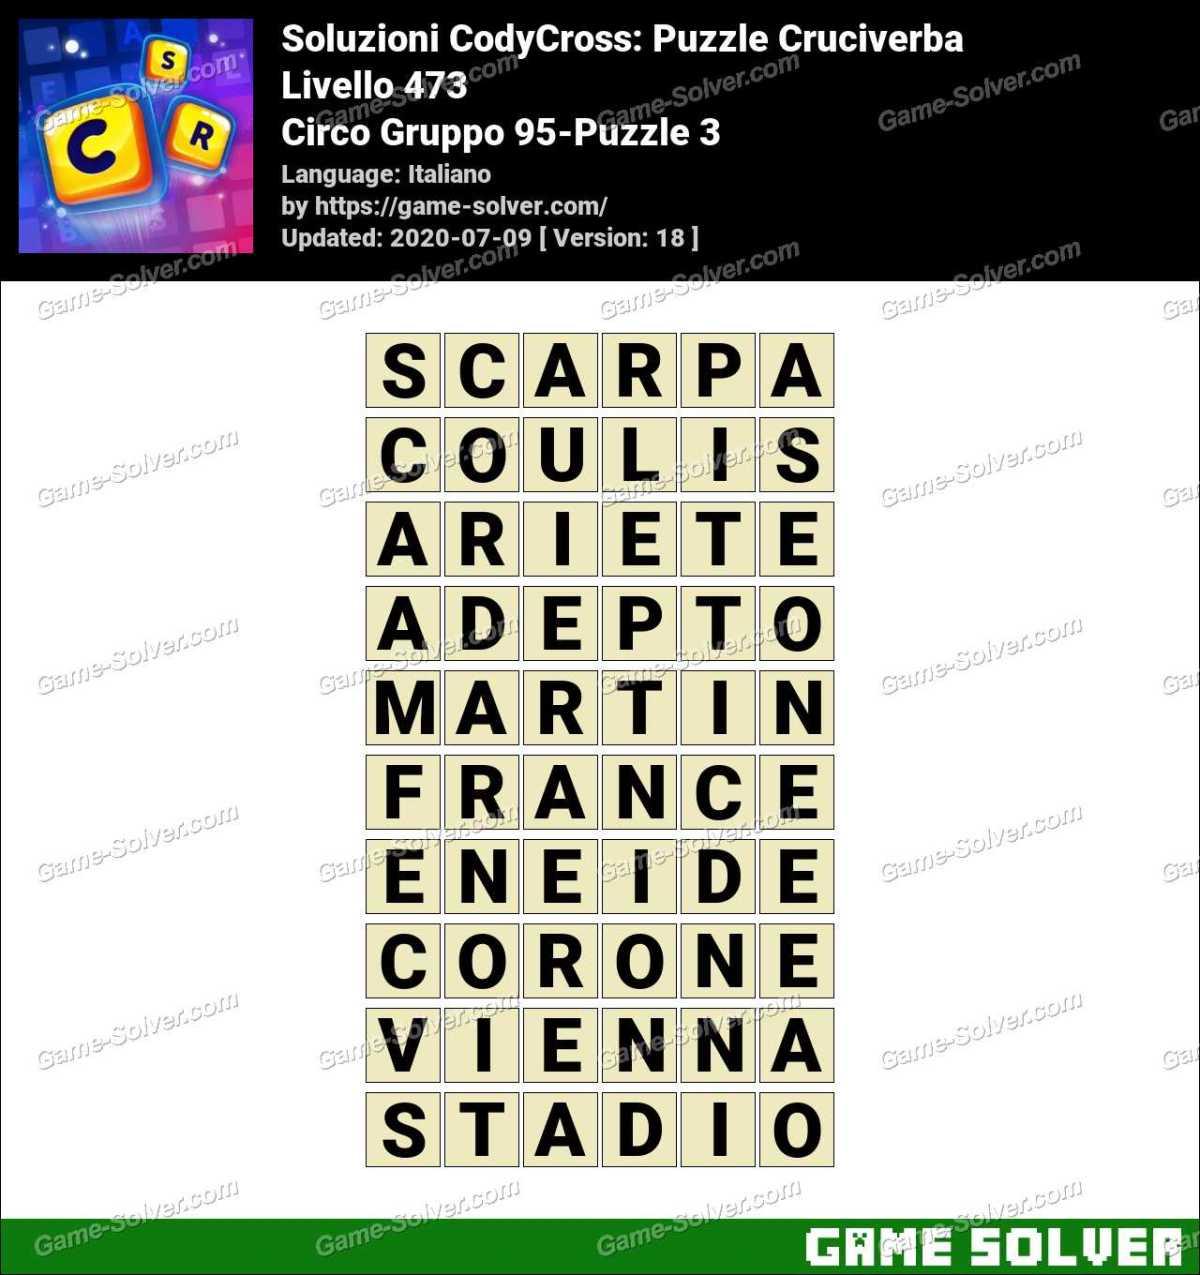 Soluzioni CodyCross Circo Gruppo 95-Puzzle 3